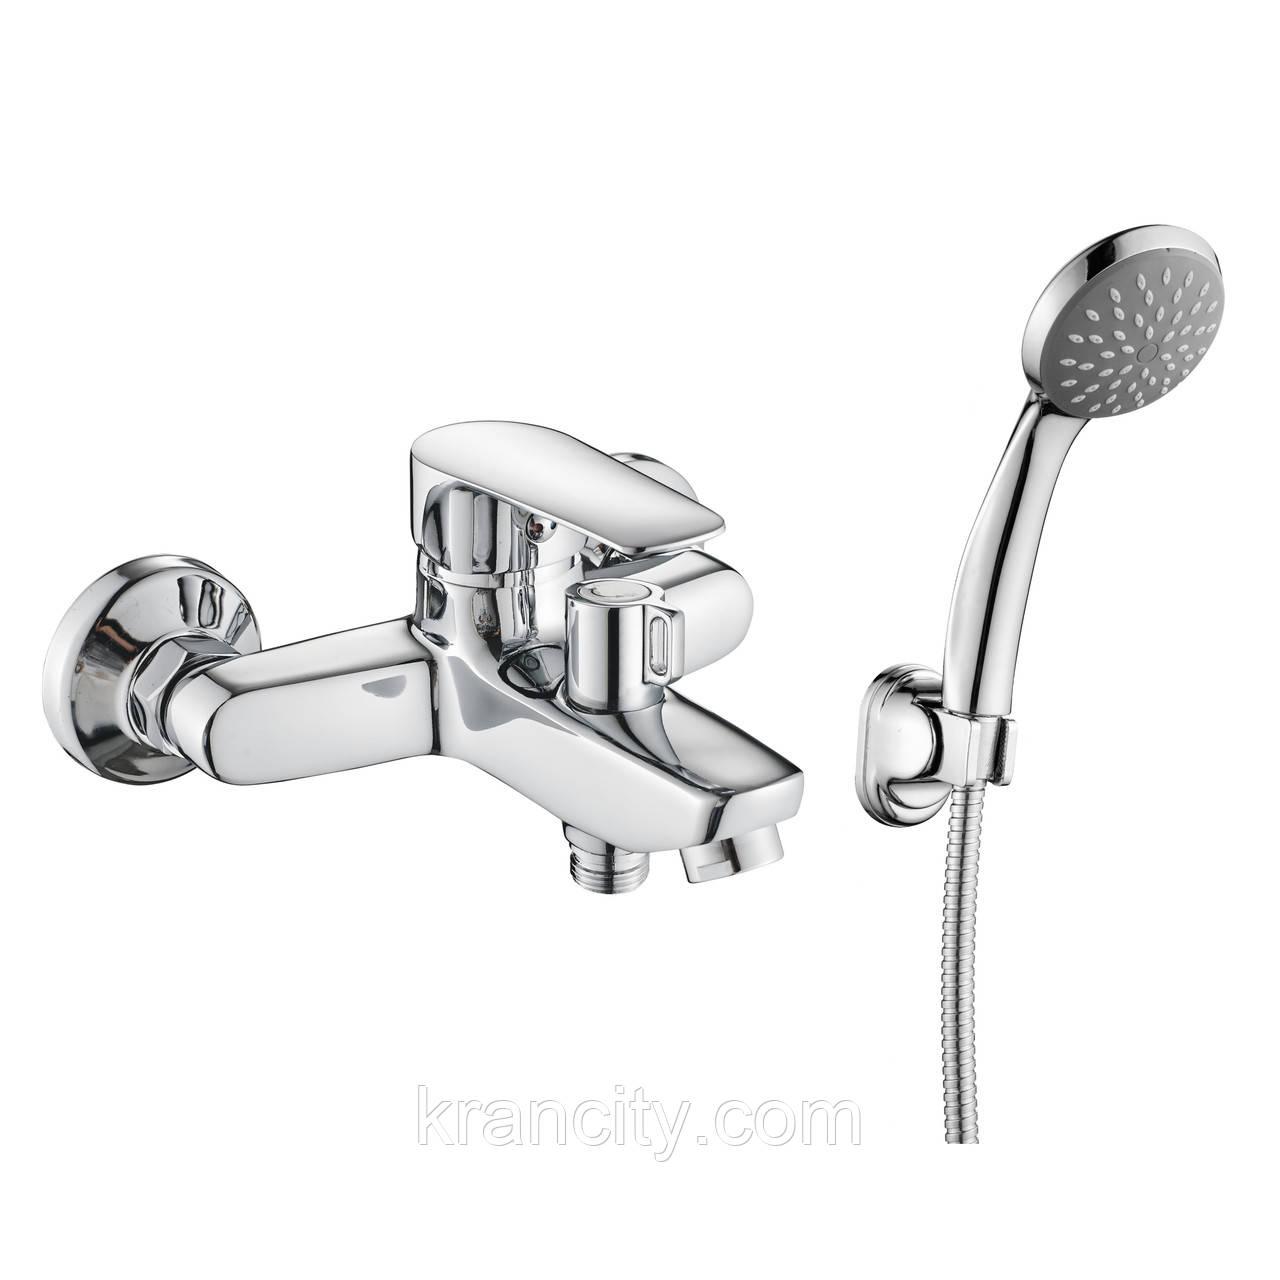 змішувач для ванни одноважільний ROZZY JENORI LOTUS RBZZ002-3